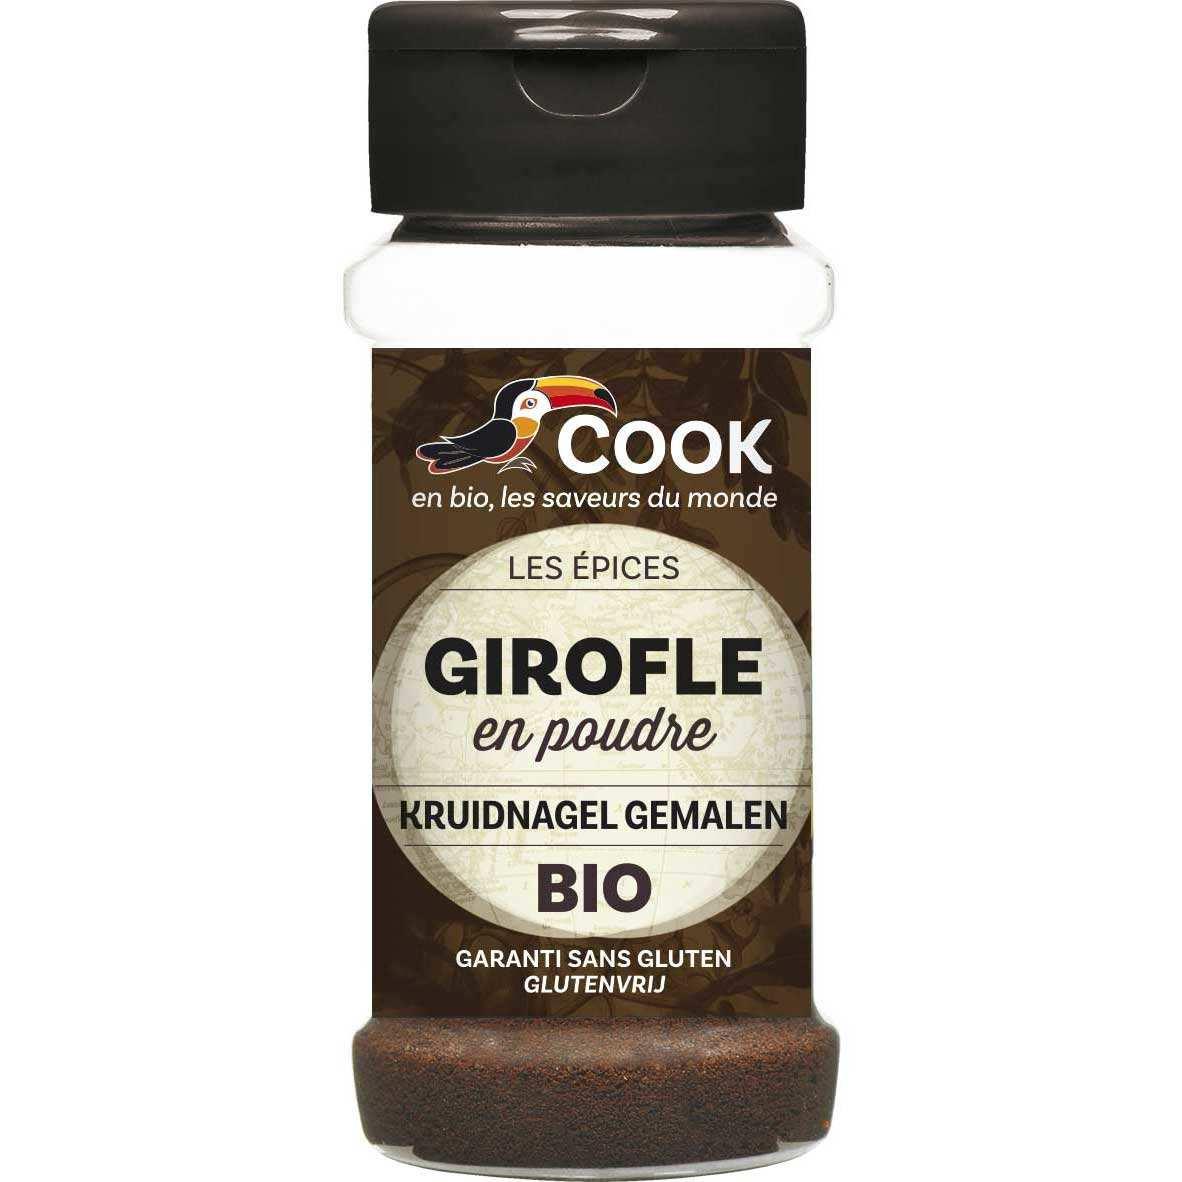 Girofle poudre bio